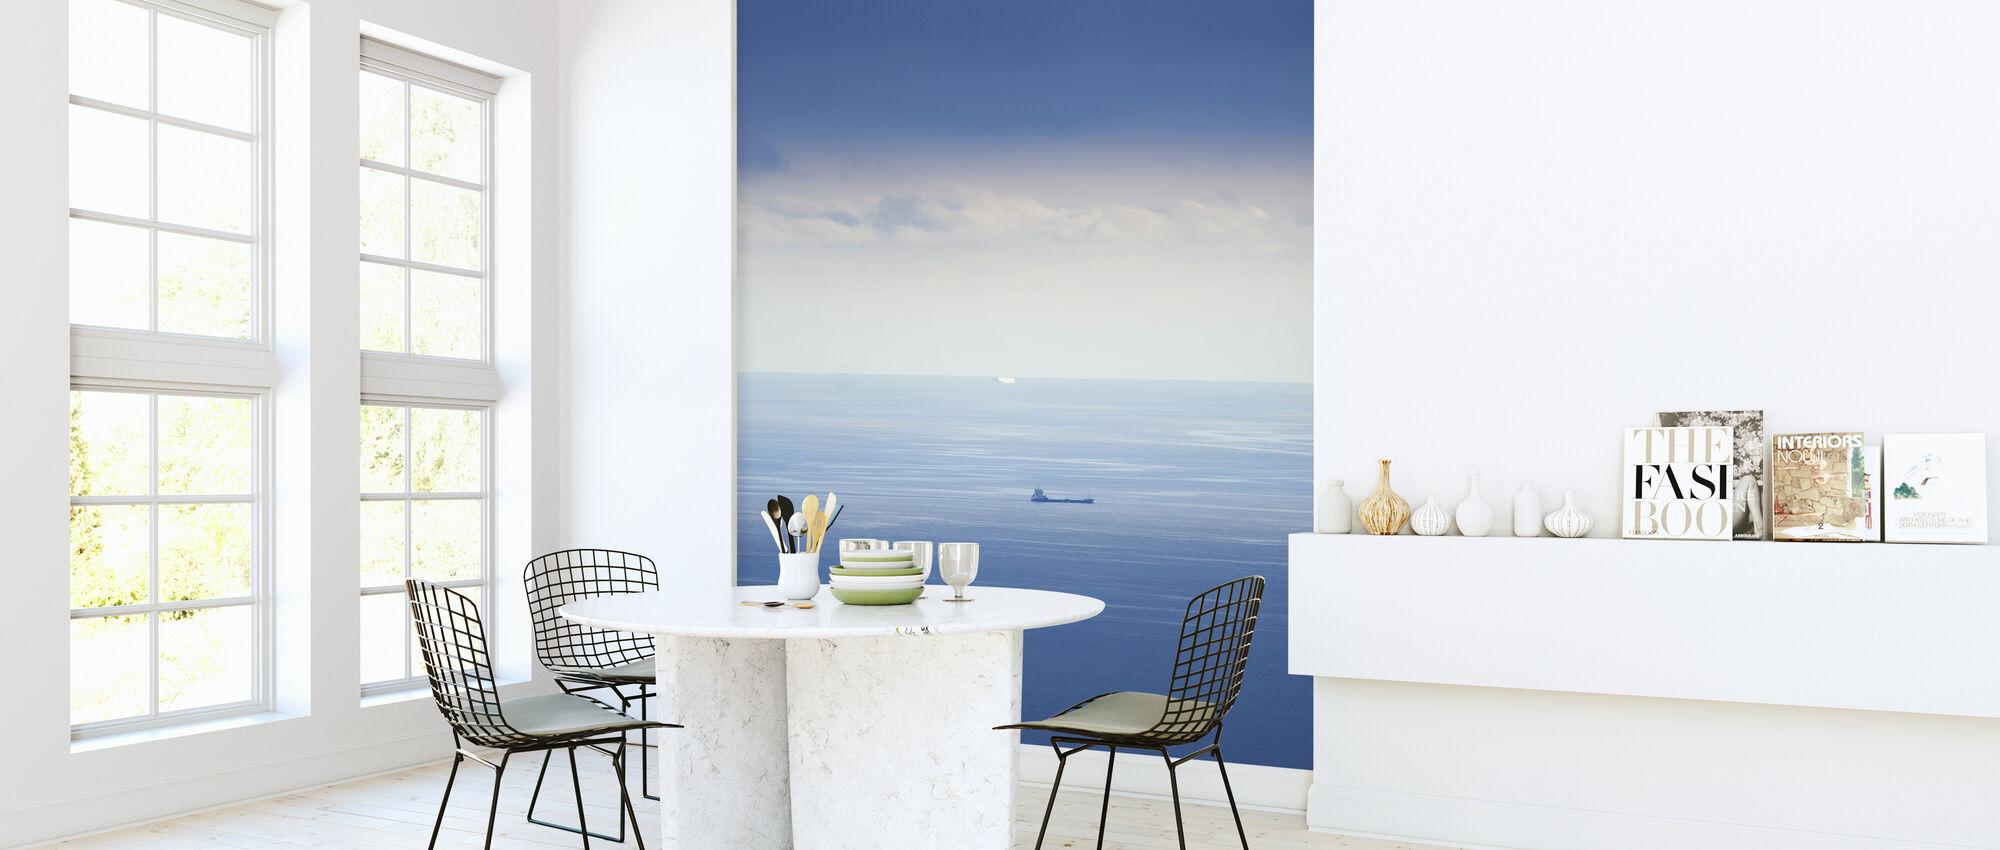 Ship in Mediterranean Sea - Wallpaper - Kitchen